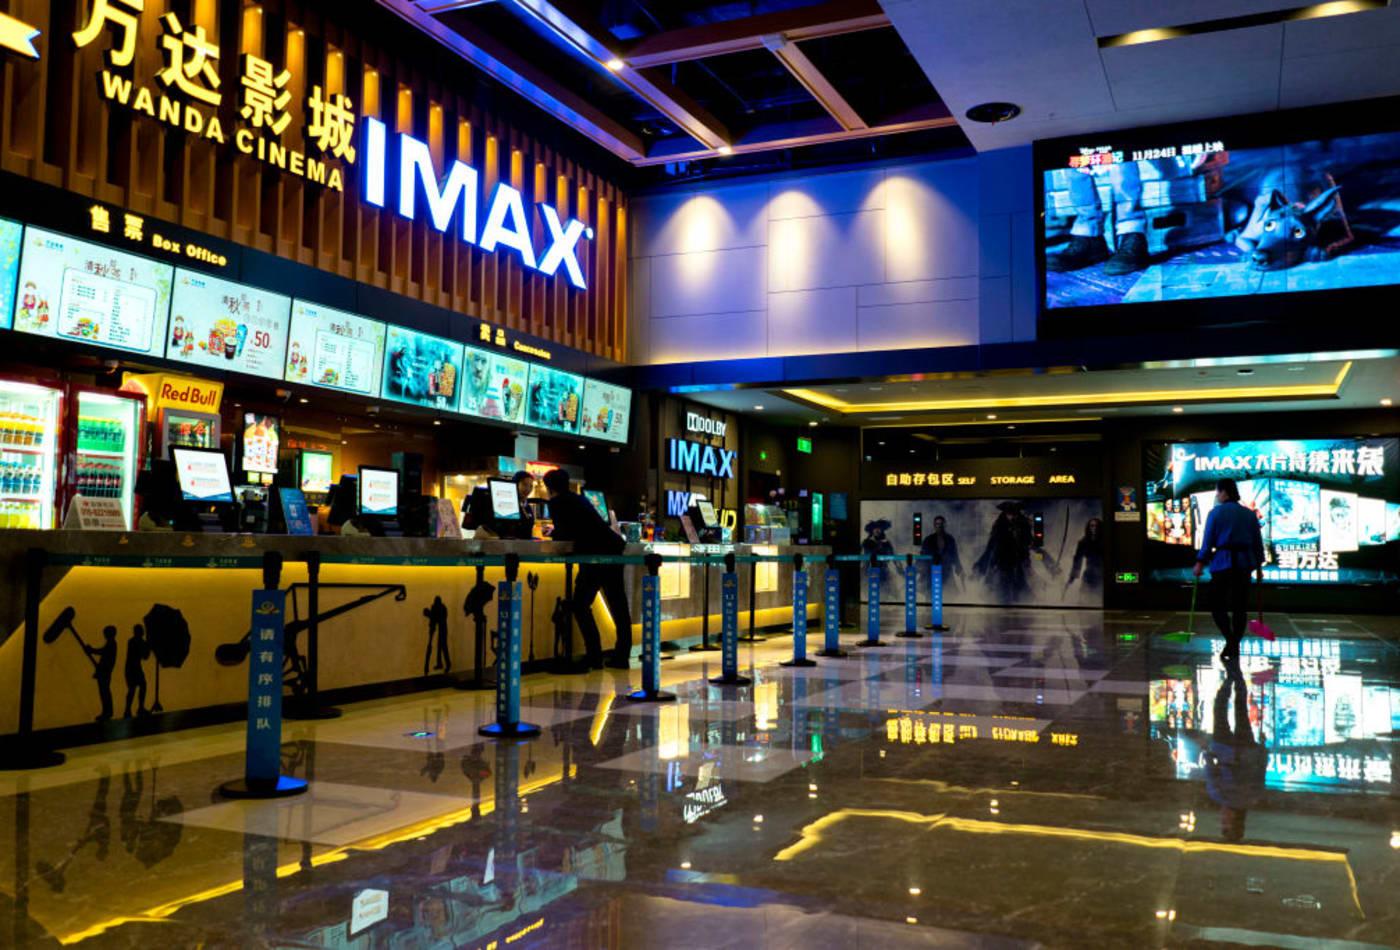 Rạp chiếu phim ở Trung Quốc tê liệt, các trung tâm thương mại cũng lao đao - Ảnh 1.